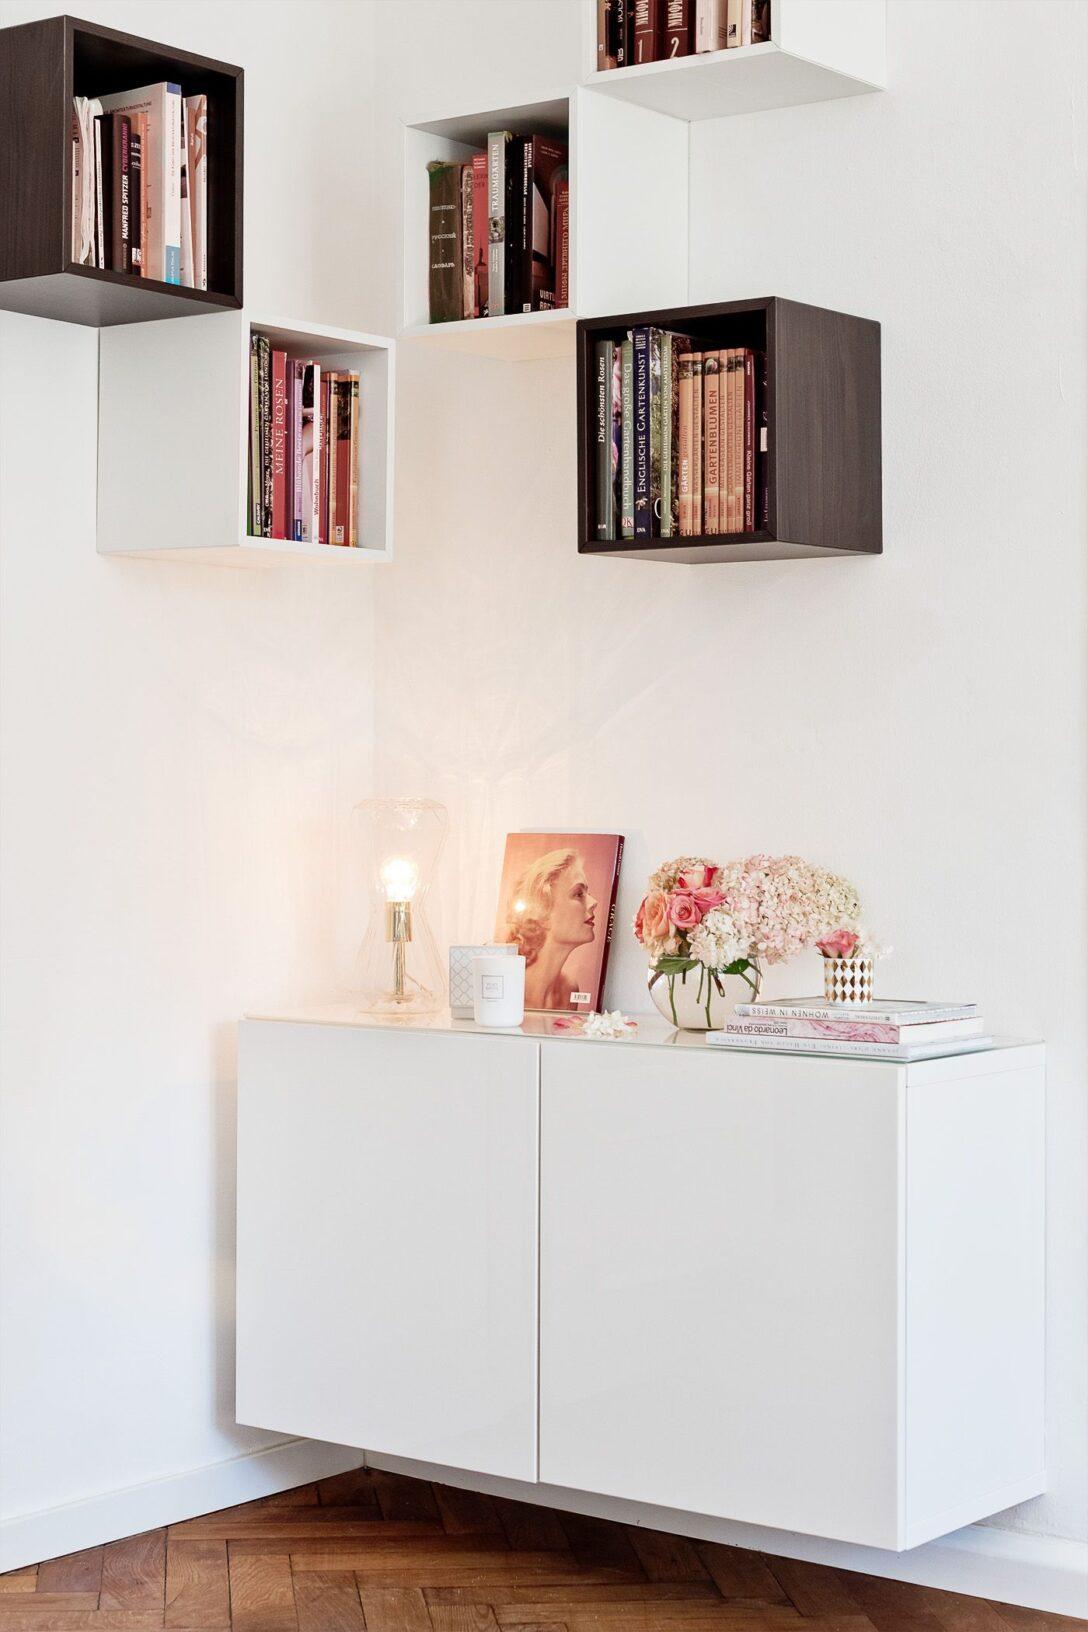 Large Size of Wandregale Ikea Interior Soft Pink And Gold Arredamento Ingresso Casa Modulküche Küche Kosten Kaufen Sofa Mit Schlaffunktion Miniküche Betten Bei 160x200 Wohnzimmer Wandregale Ikea